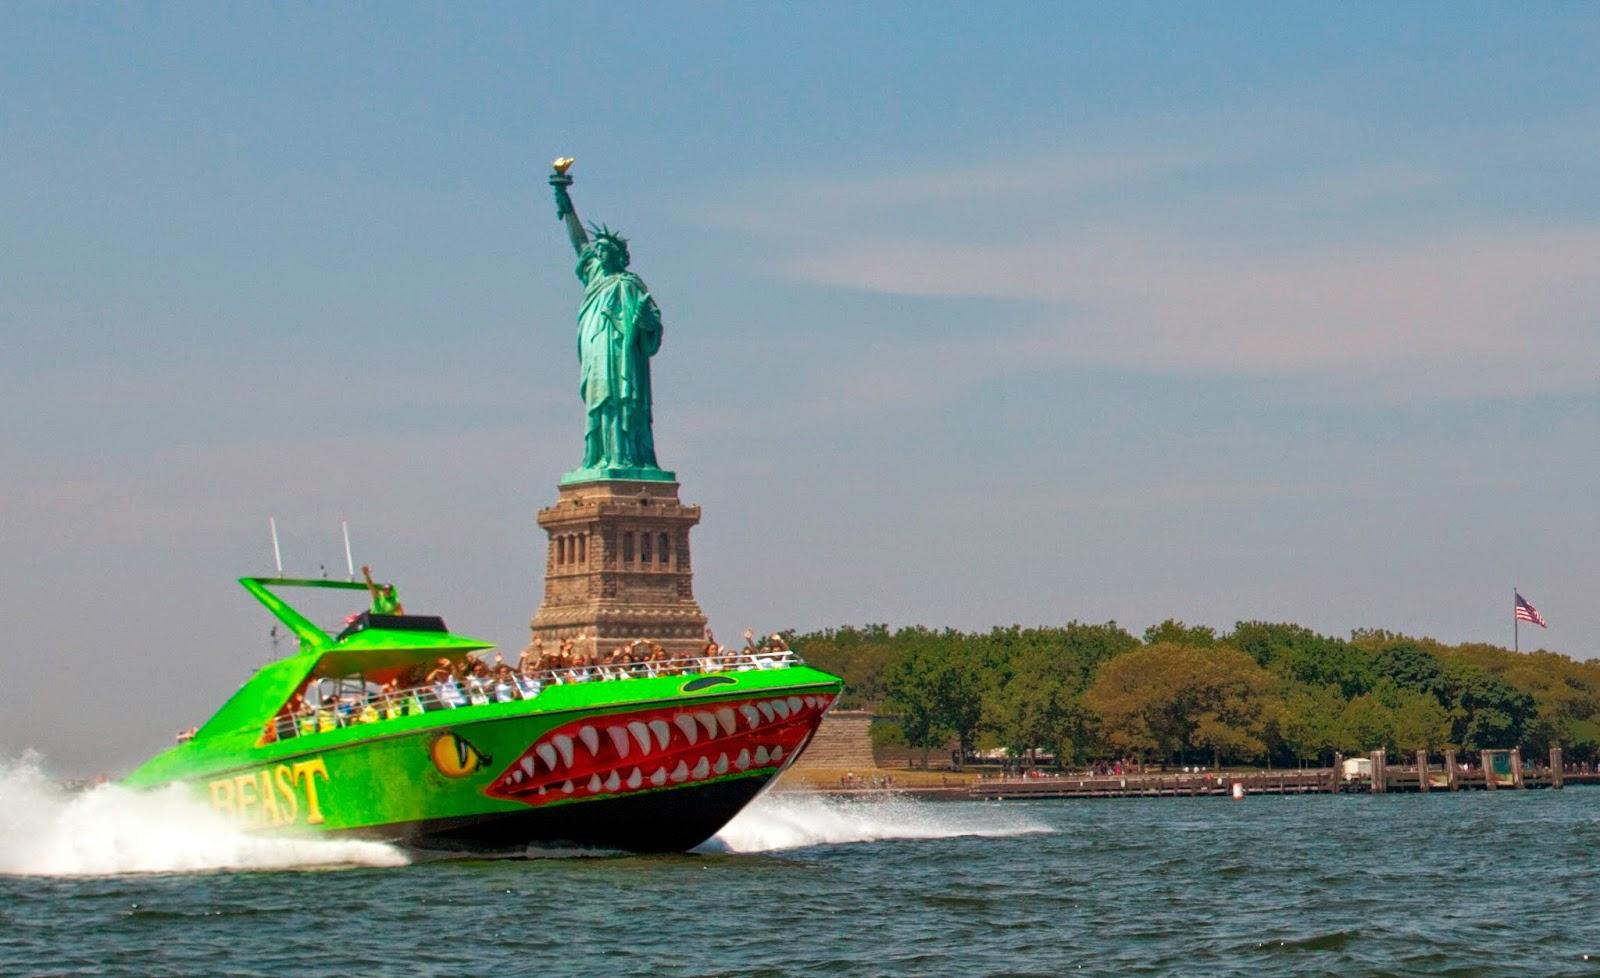 passeios de barco da Circle Line em Nova York